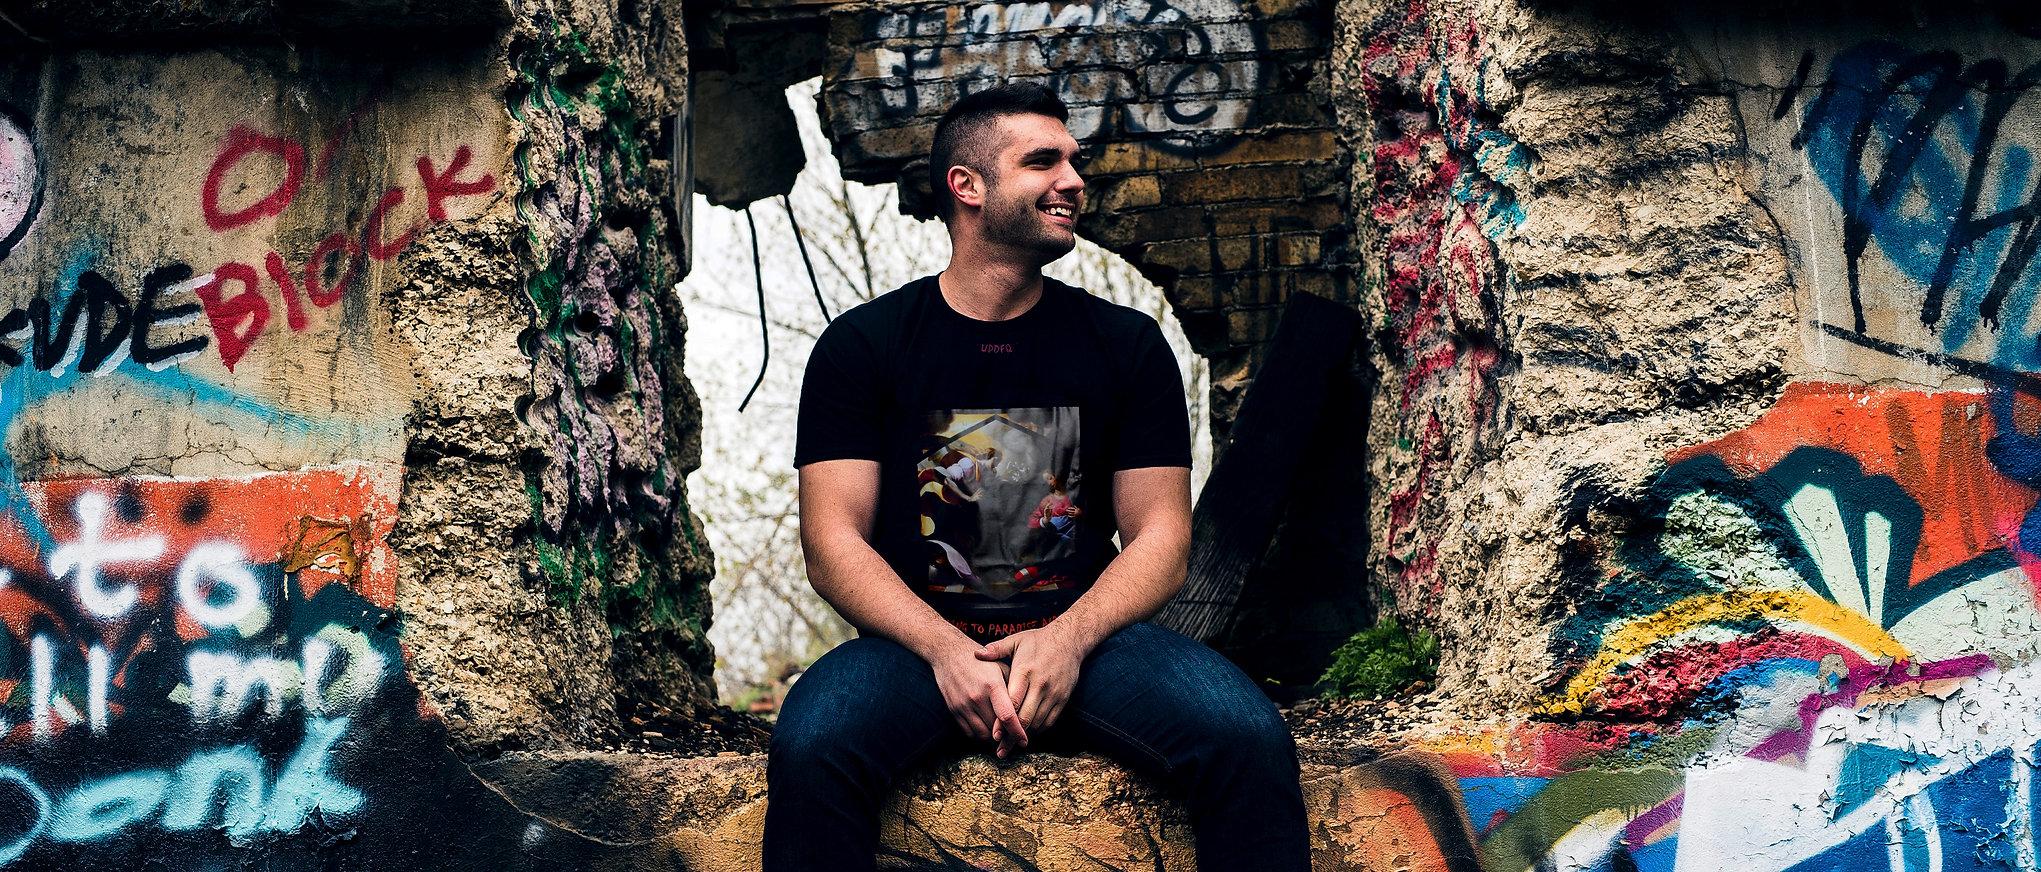 foto scattata durante il lookbok abbigliamento streetwear di Updfq brand della nostra t-shirt annunciation